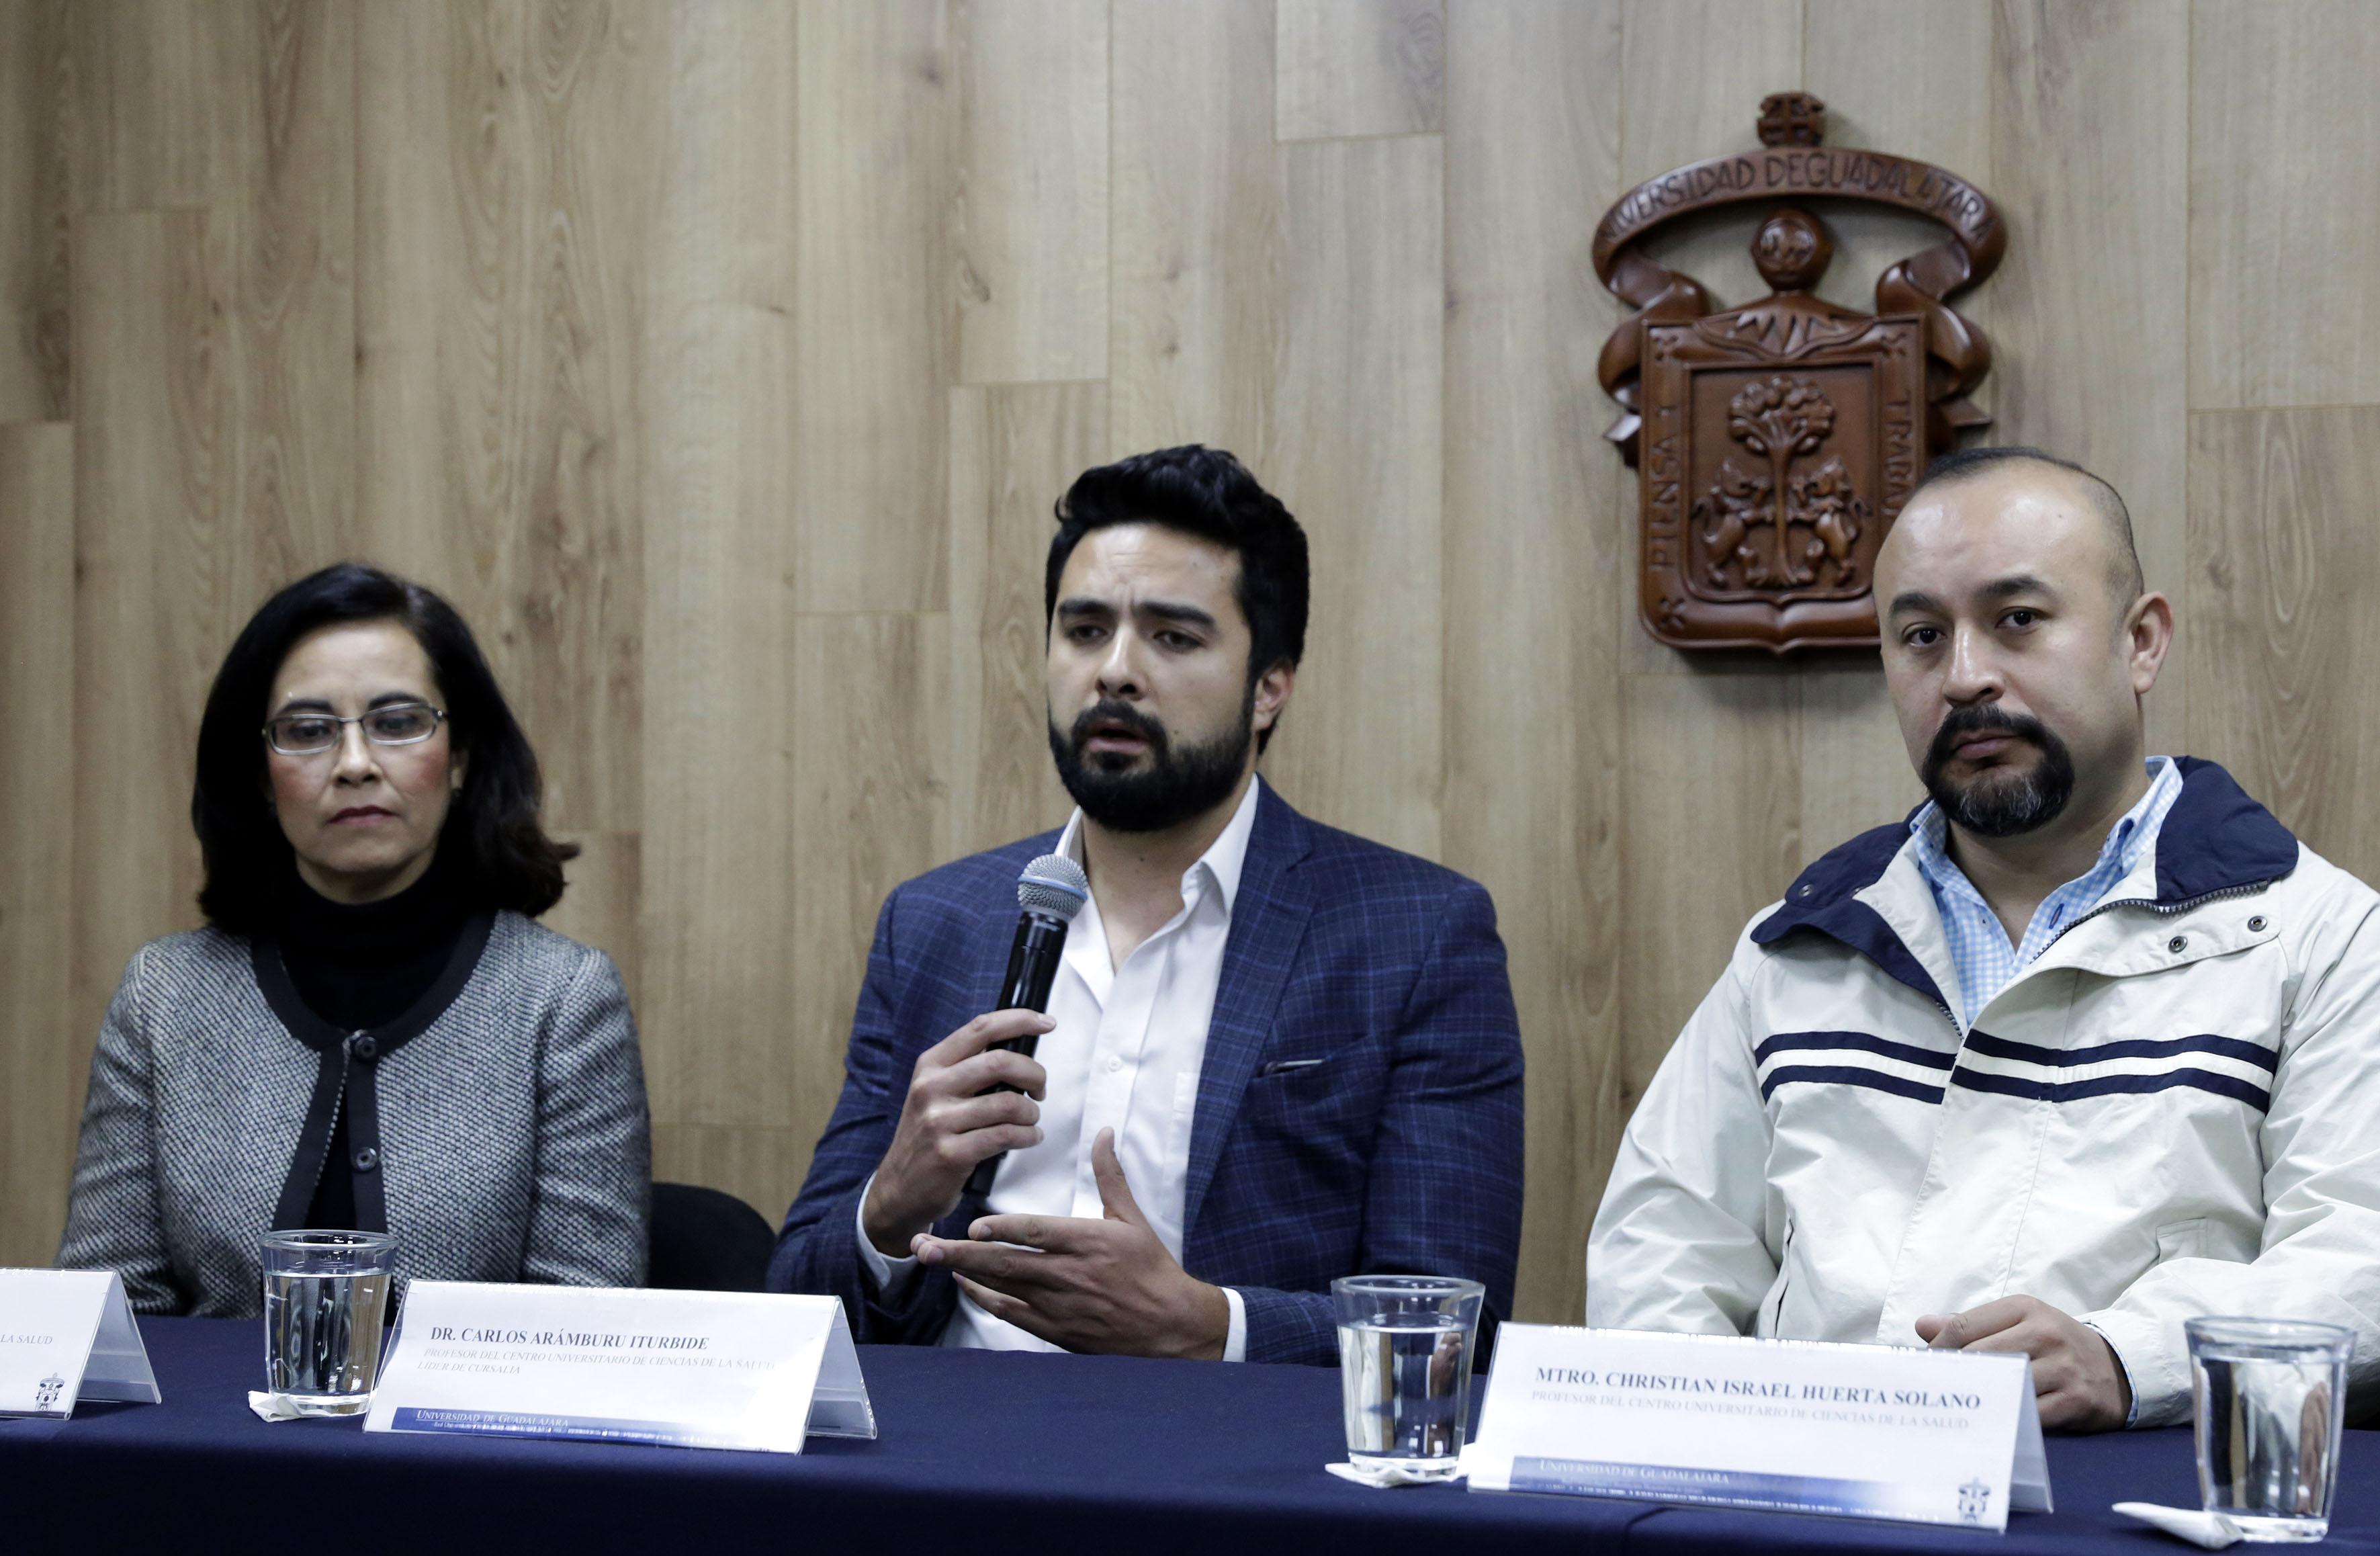 Dr. Carlos Aramburo al micrófono en rueda de prensa